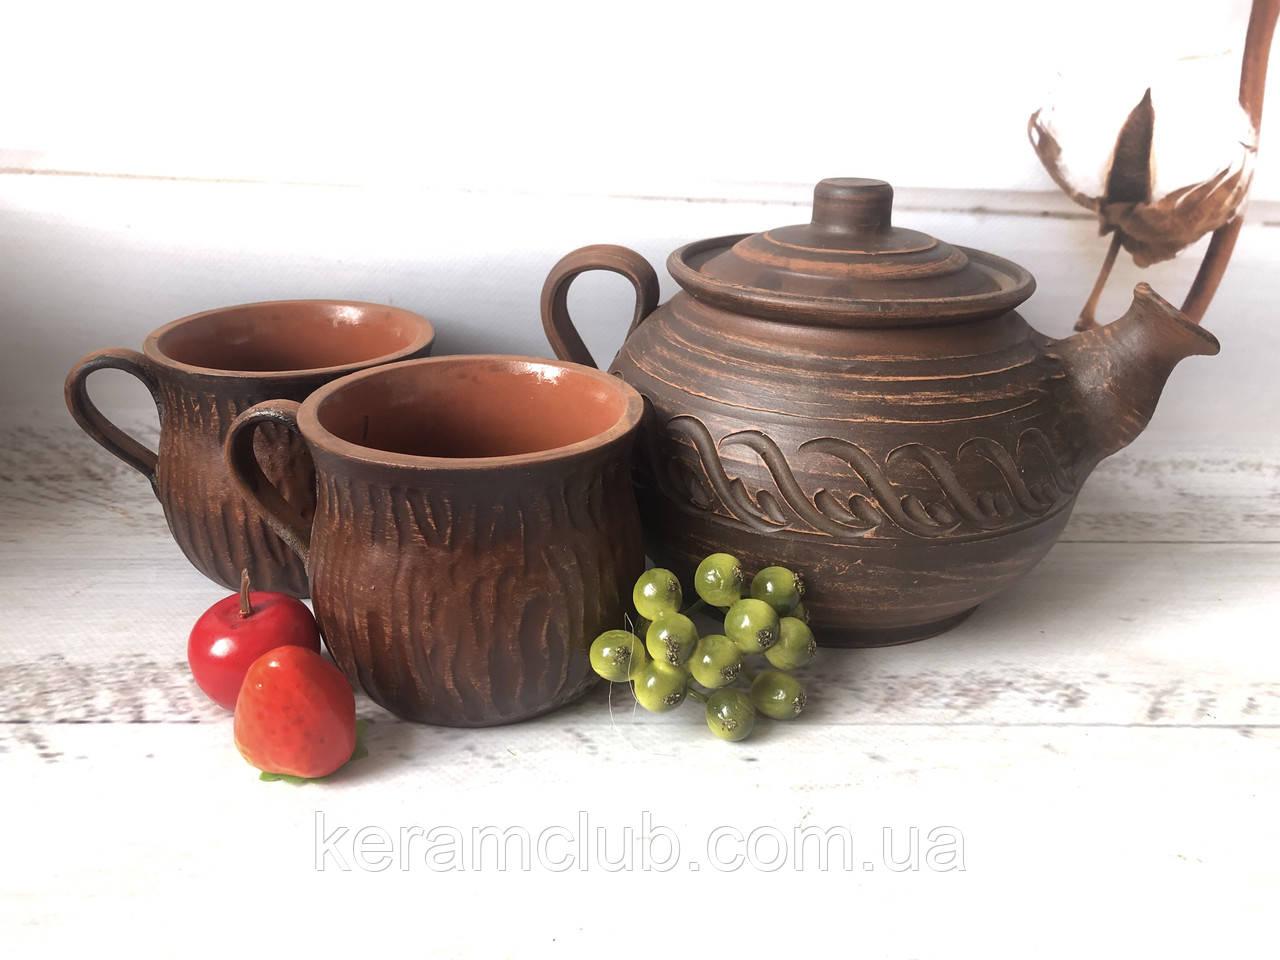 Набор из красной глины заварник 1 л и 2 чашки 350 мл